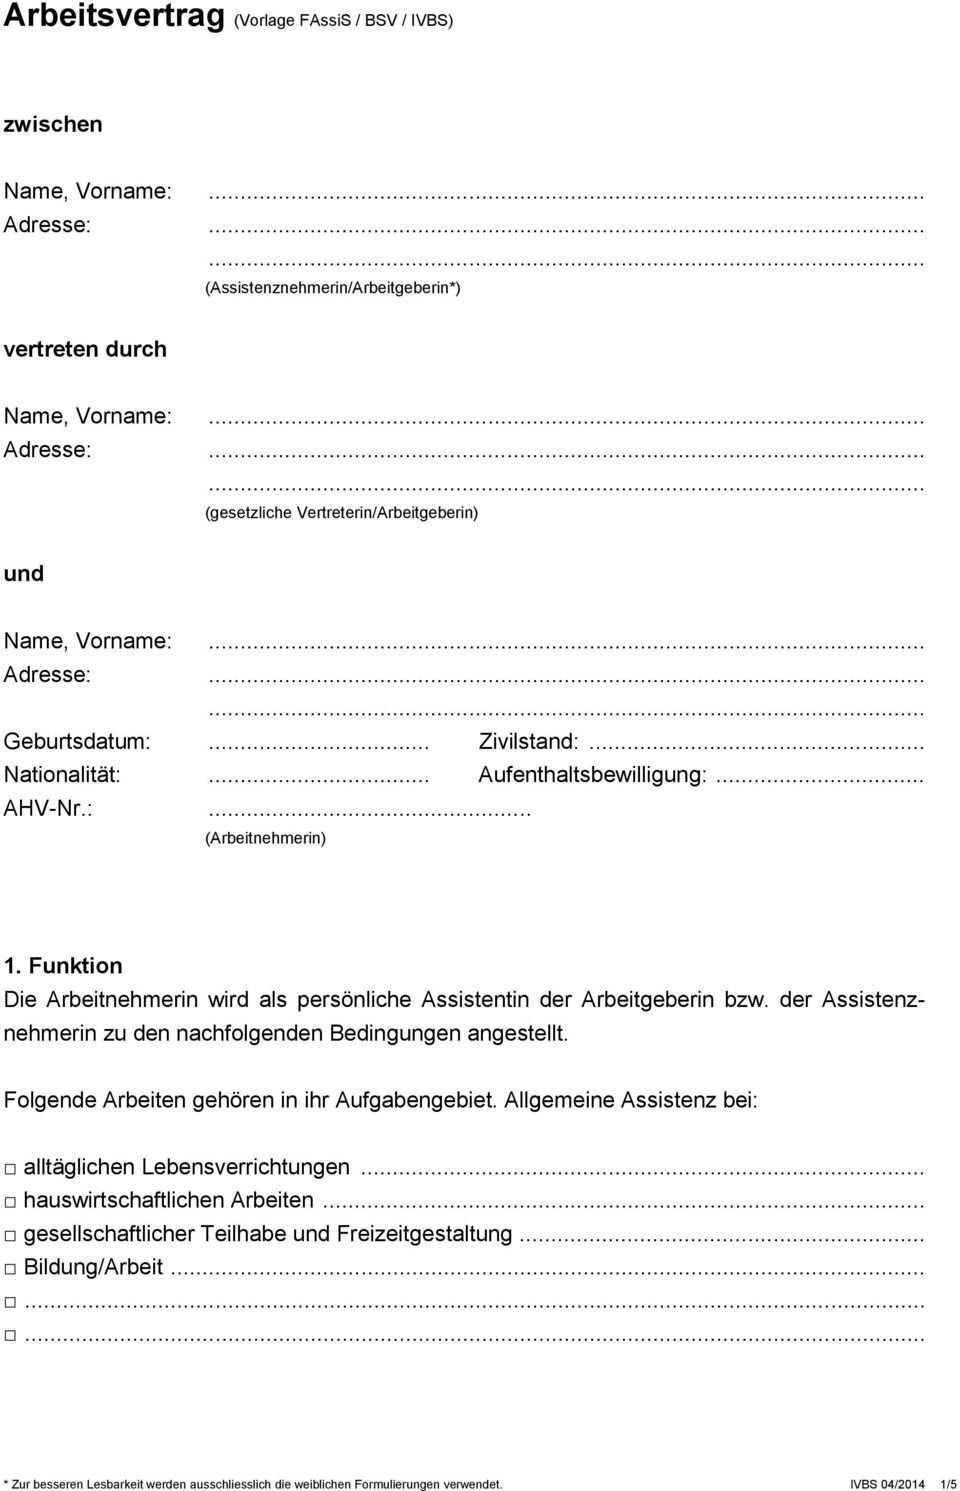 Arbeitsvertrag Vorlage Fassis Bsv Ivbs Pdf Free Download